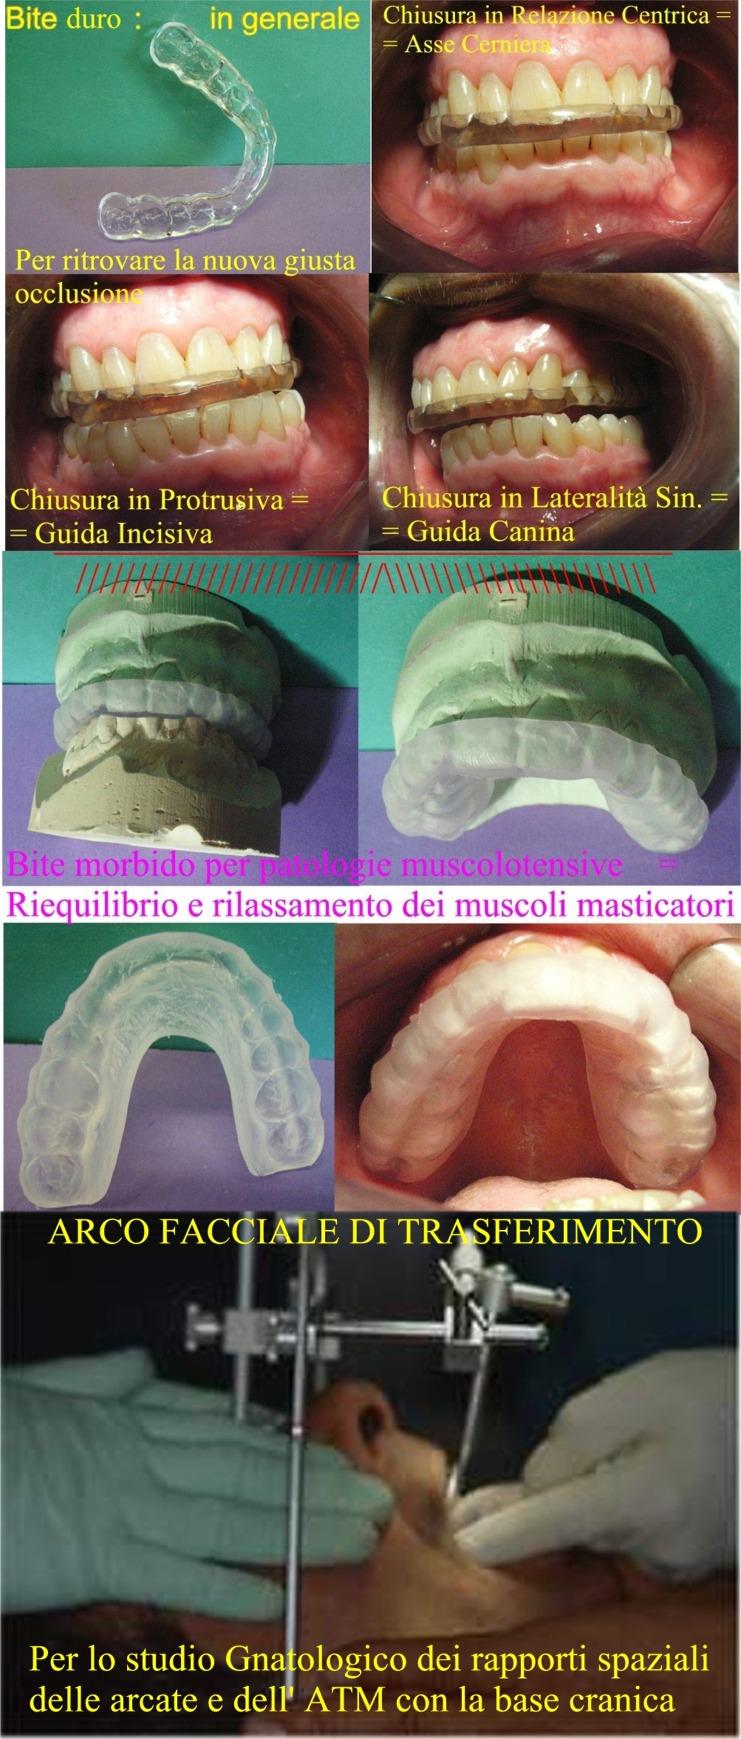 Bite e Arco facciale per Gnatologia come esempio di Dr. Gustavo Petti Cagliari